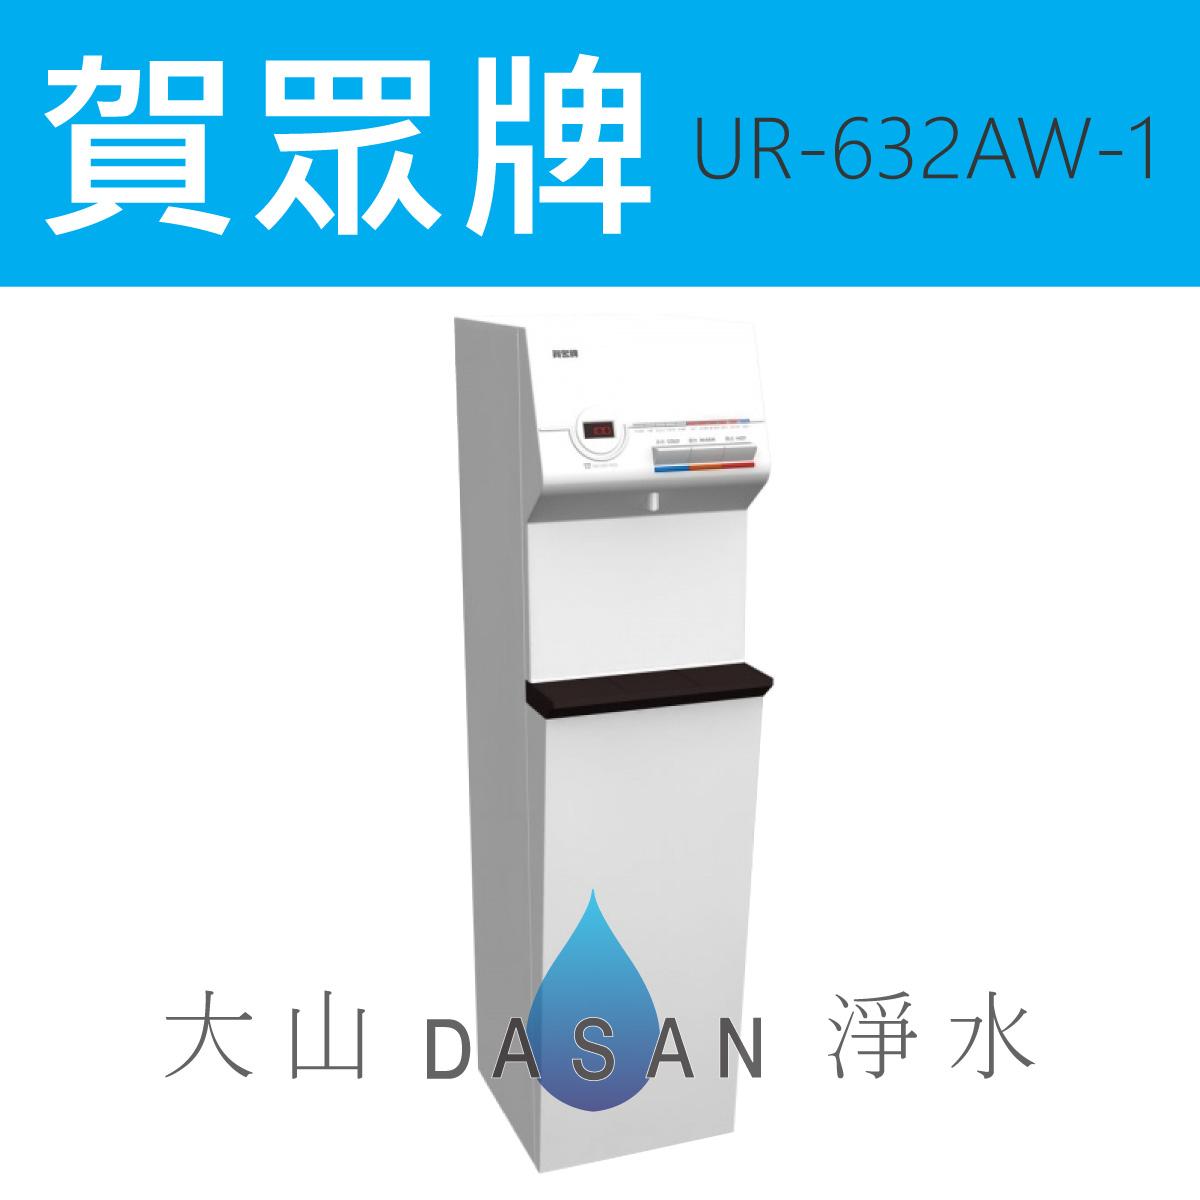 贈濾芯*2專業安裝賀眾牌UR-632AW-1直立式智能型RO磁化飲水機冰溫熱